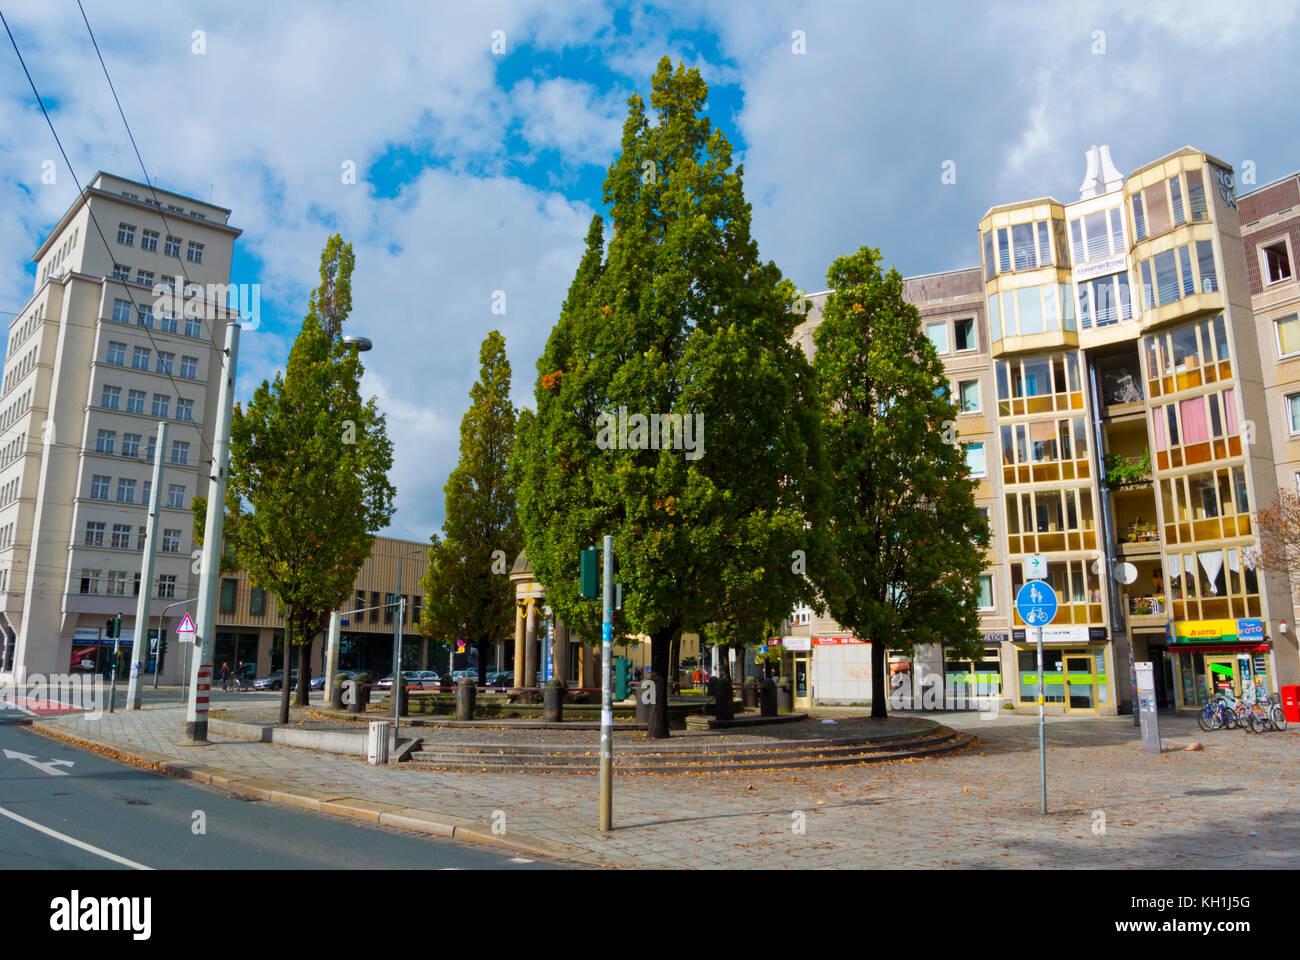 Bautzner Strasse, Albertplatz, Neustadt, Dresden, Saxony, Germany - Stock Image